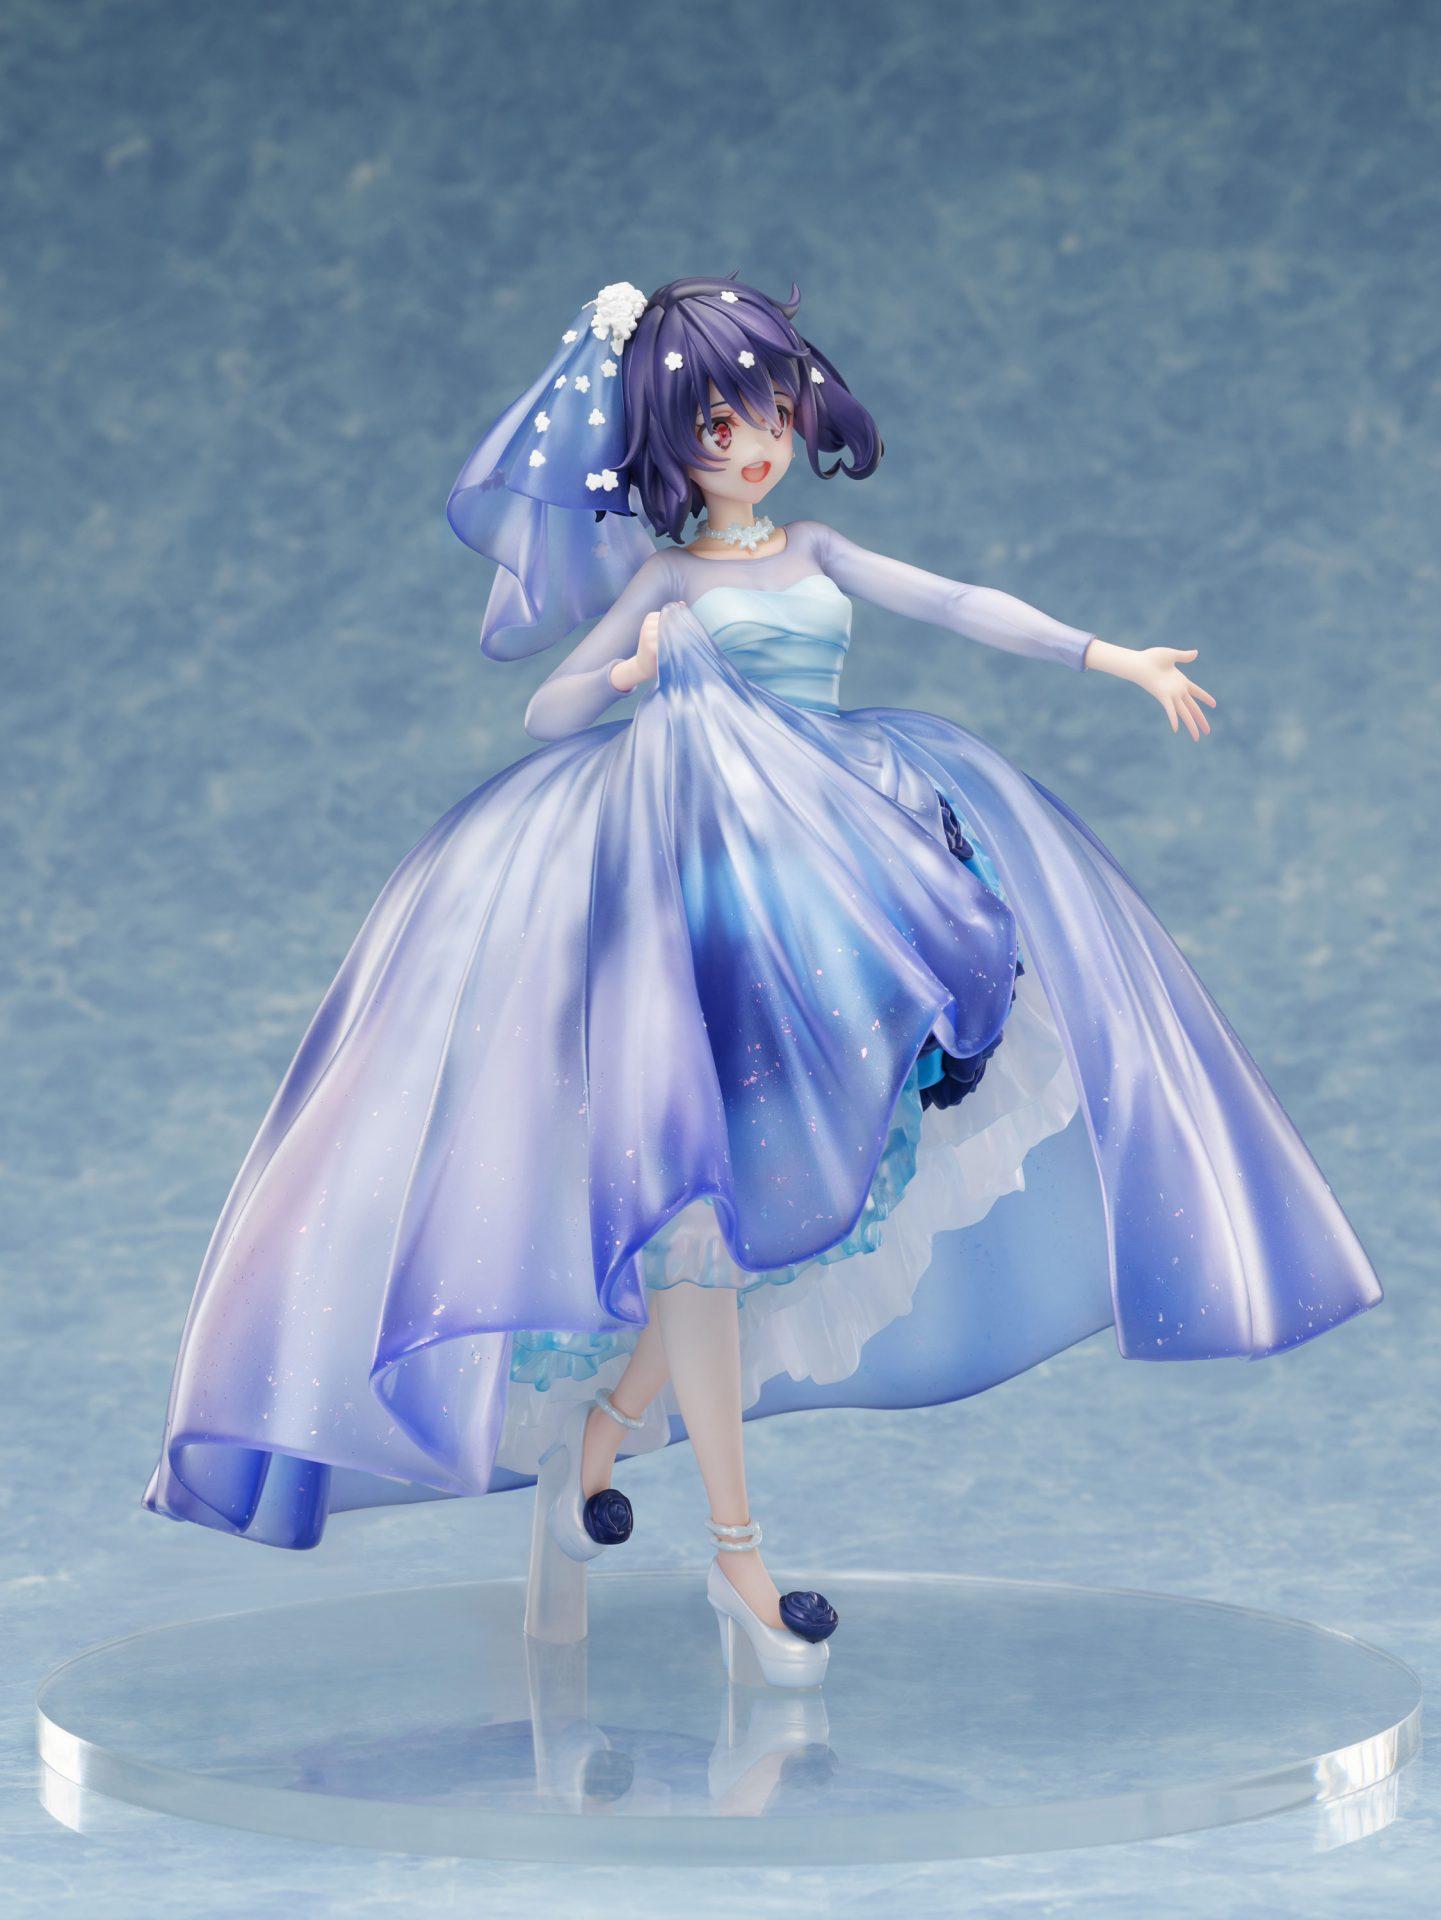 『水野愛 -ウエディングドレス- 1/7スケールフィギュア』』